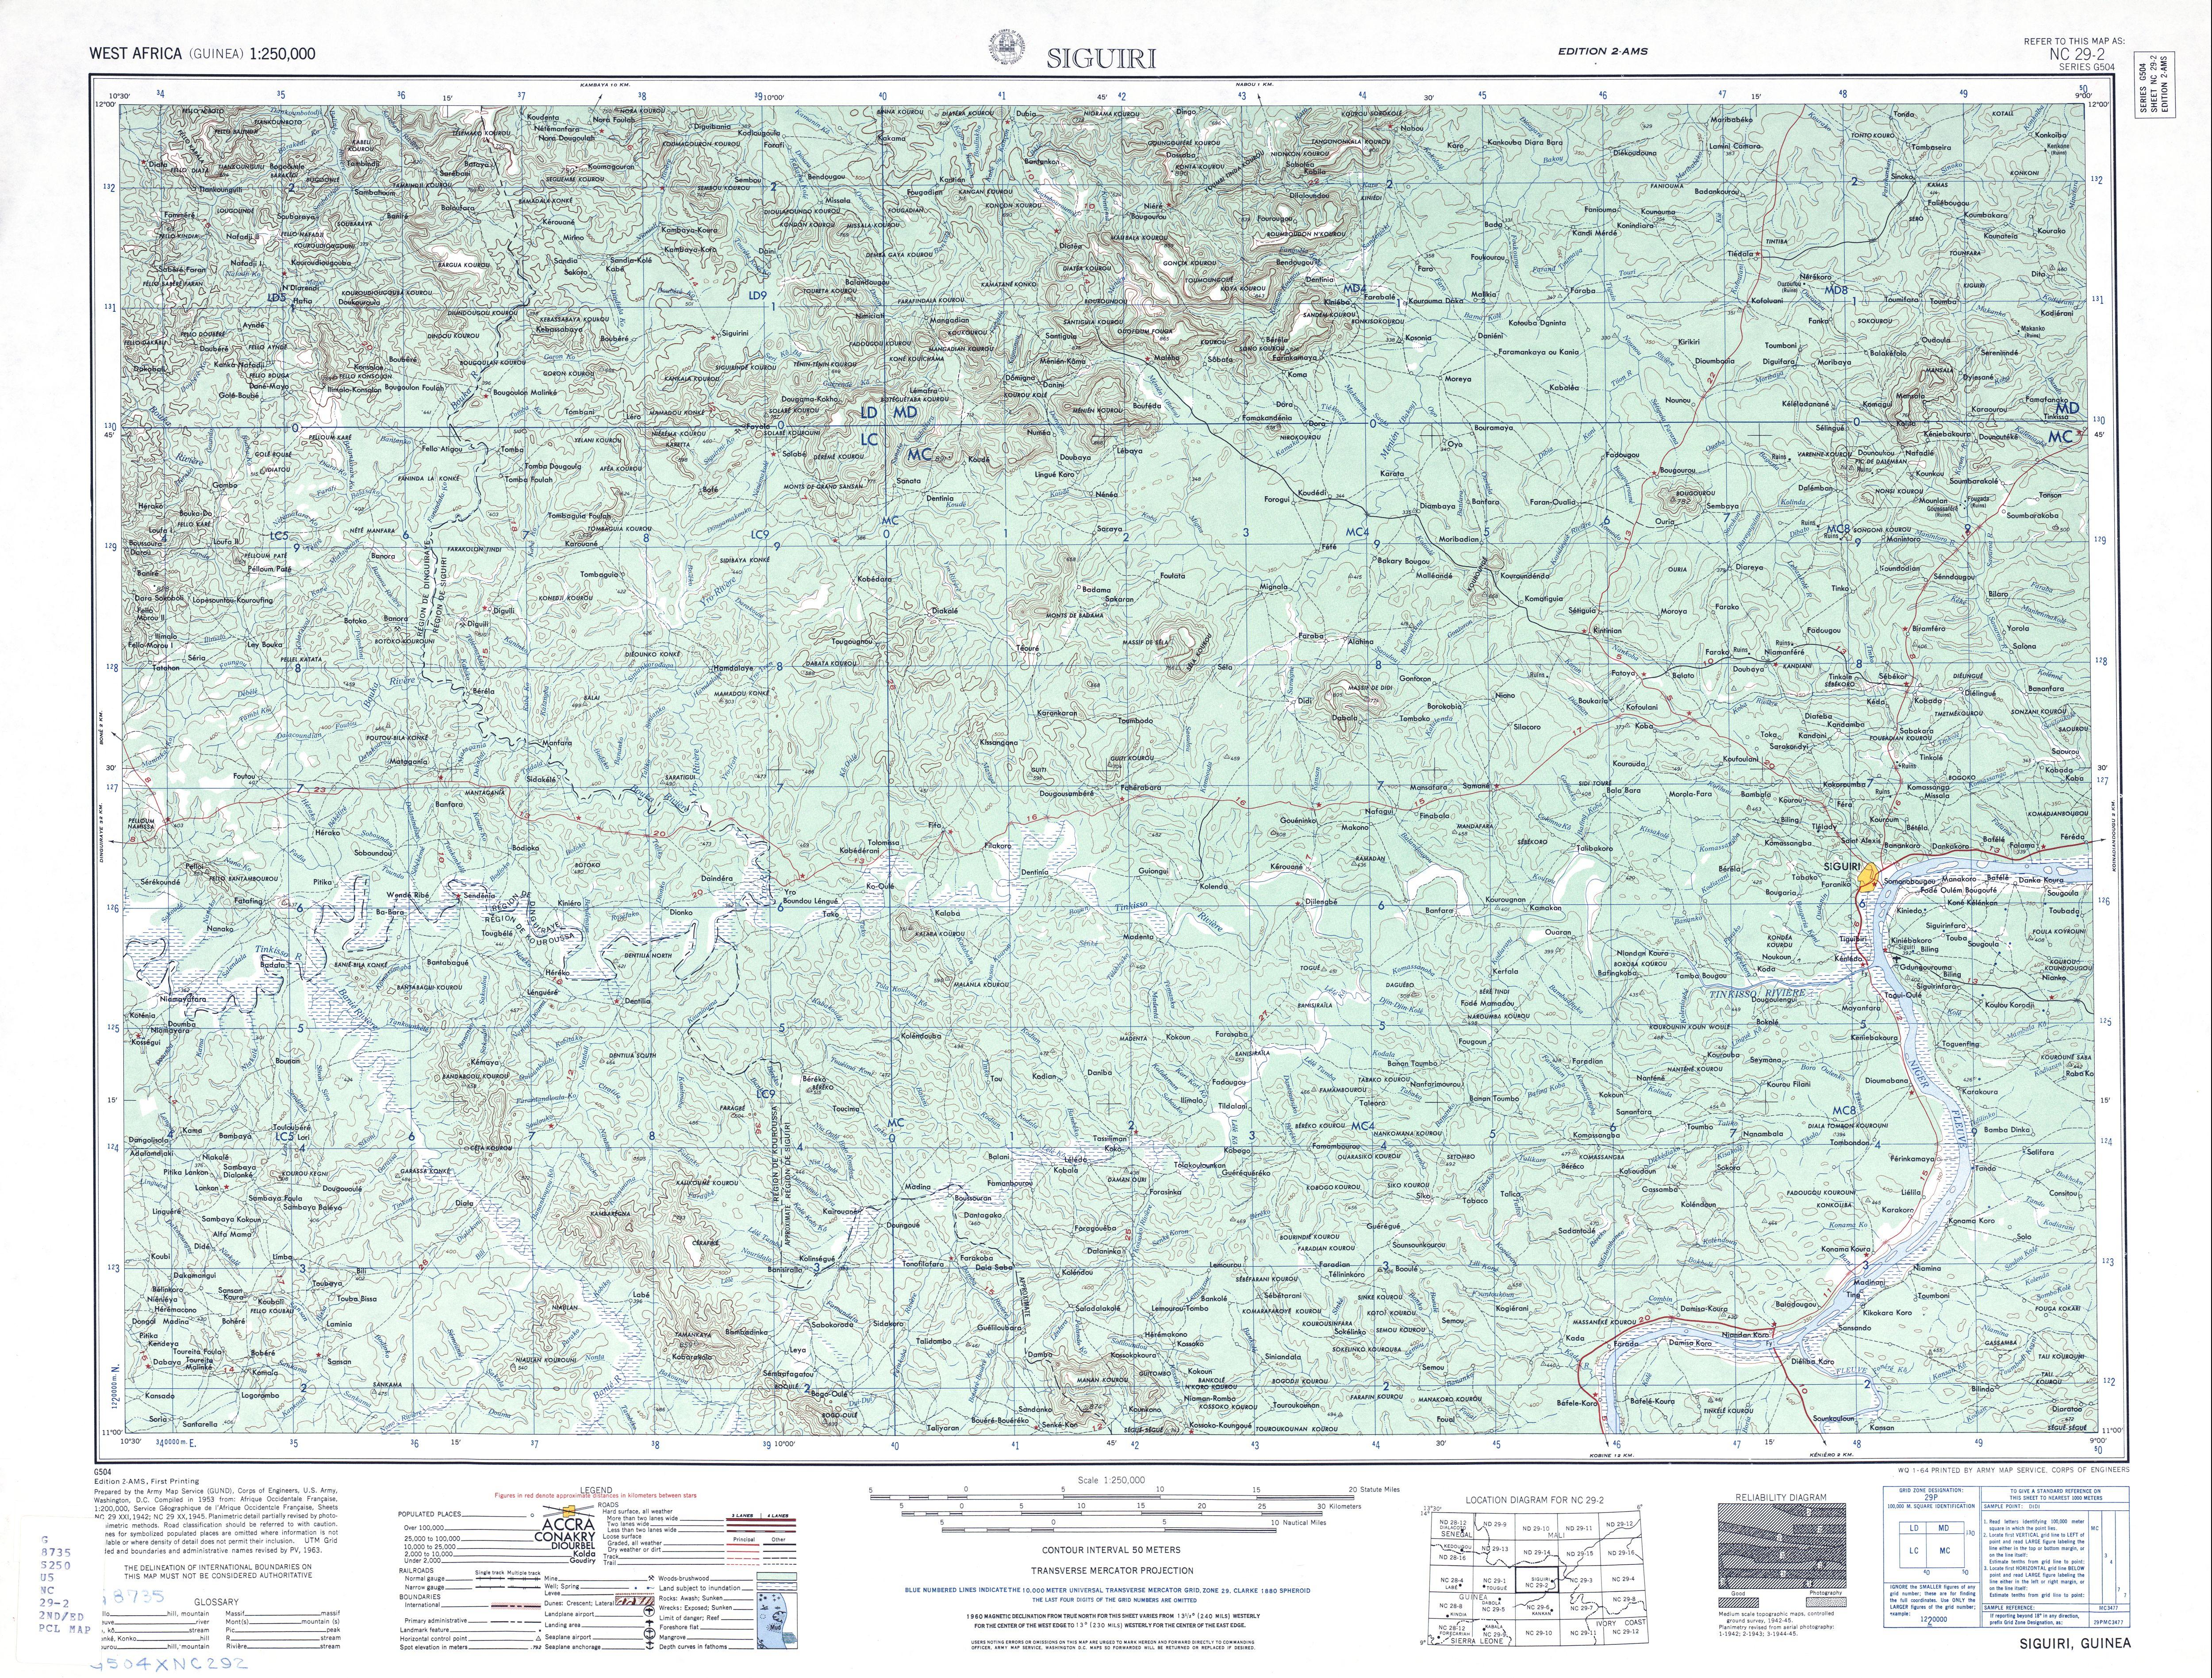 Hoja Siguiri del Mapa Topográfico de África Occidental 1955